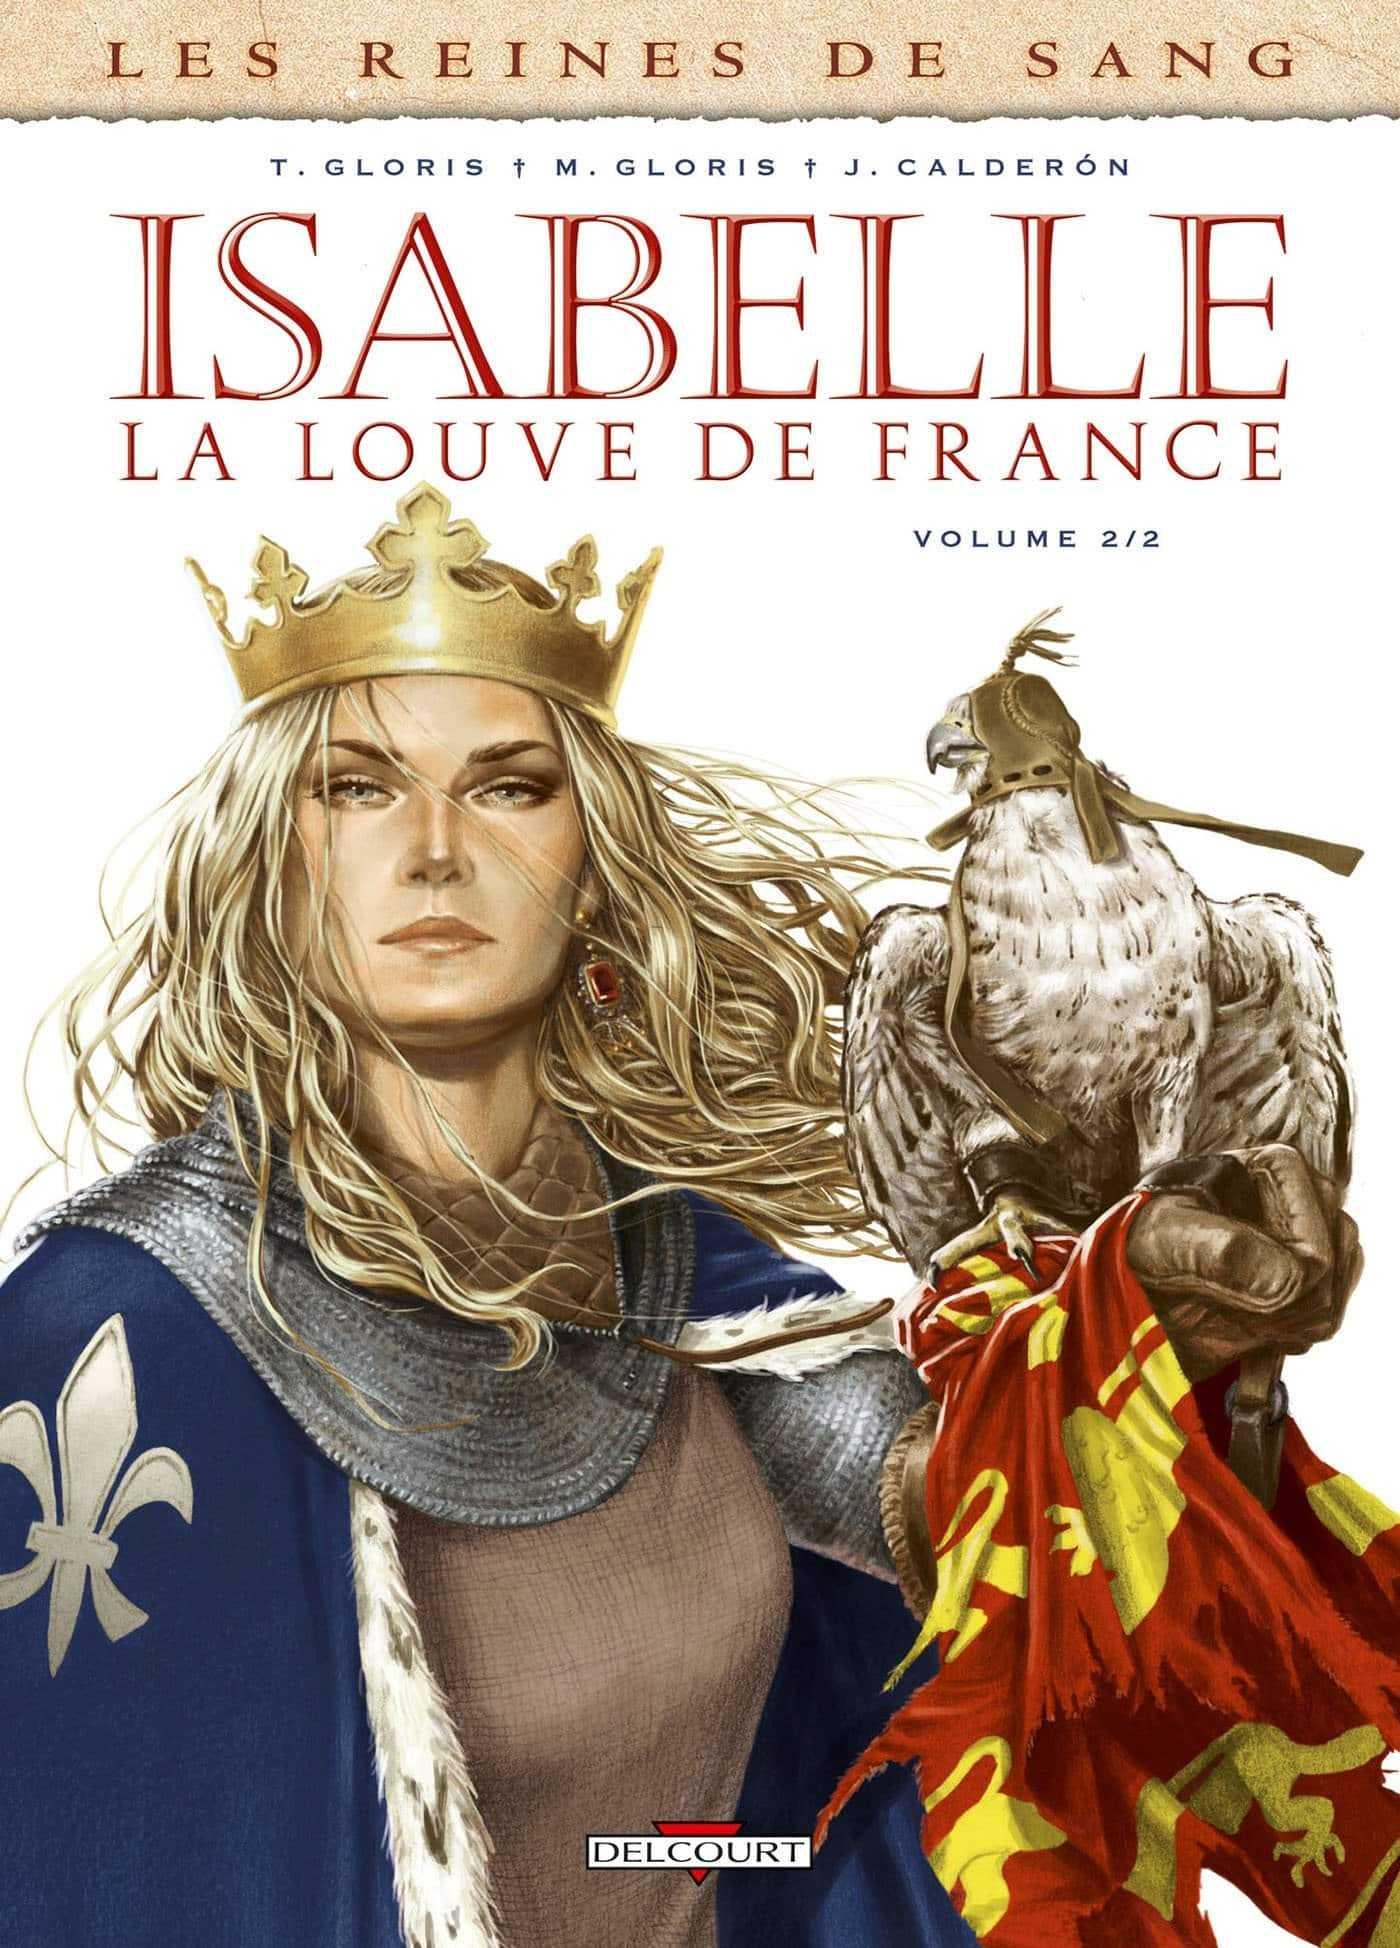 Les Reines de sang, Isabelle La Louve de France joue et gagne